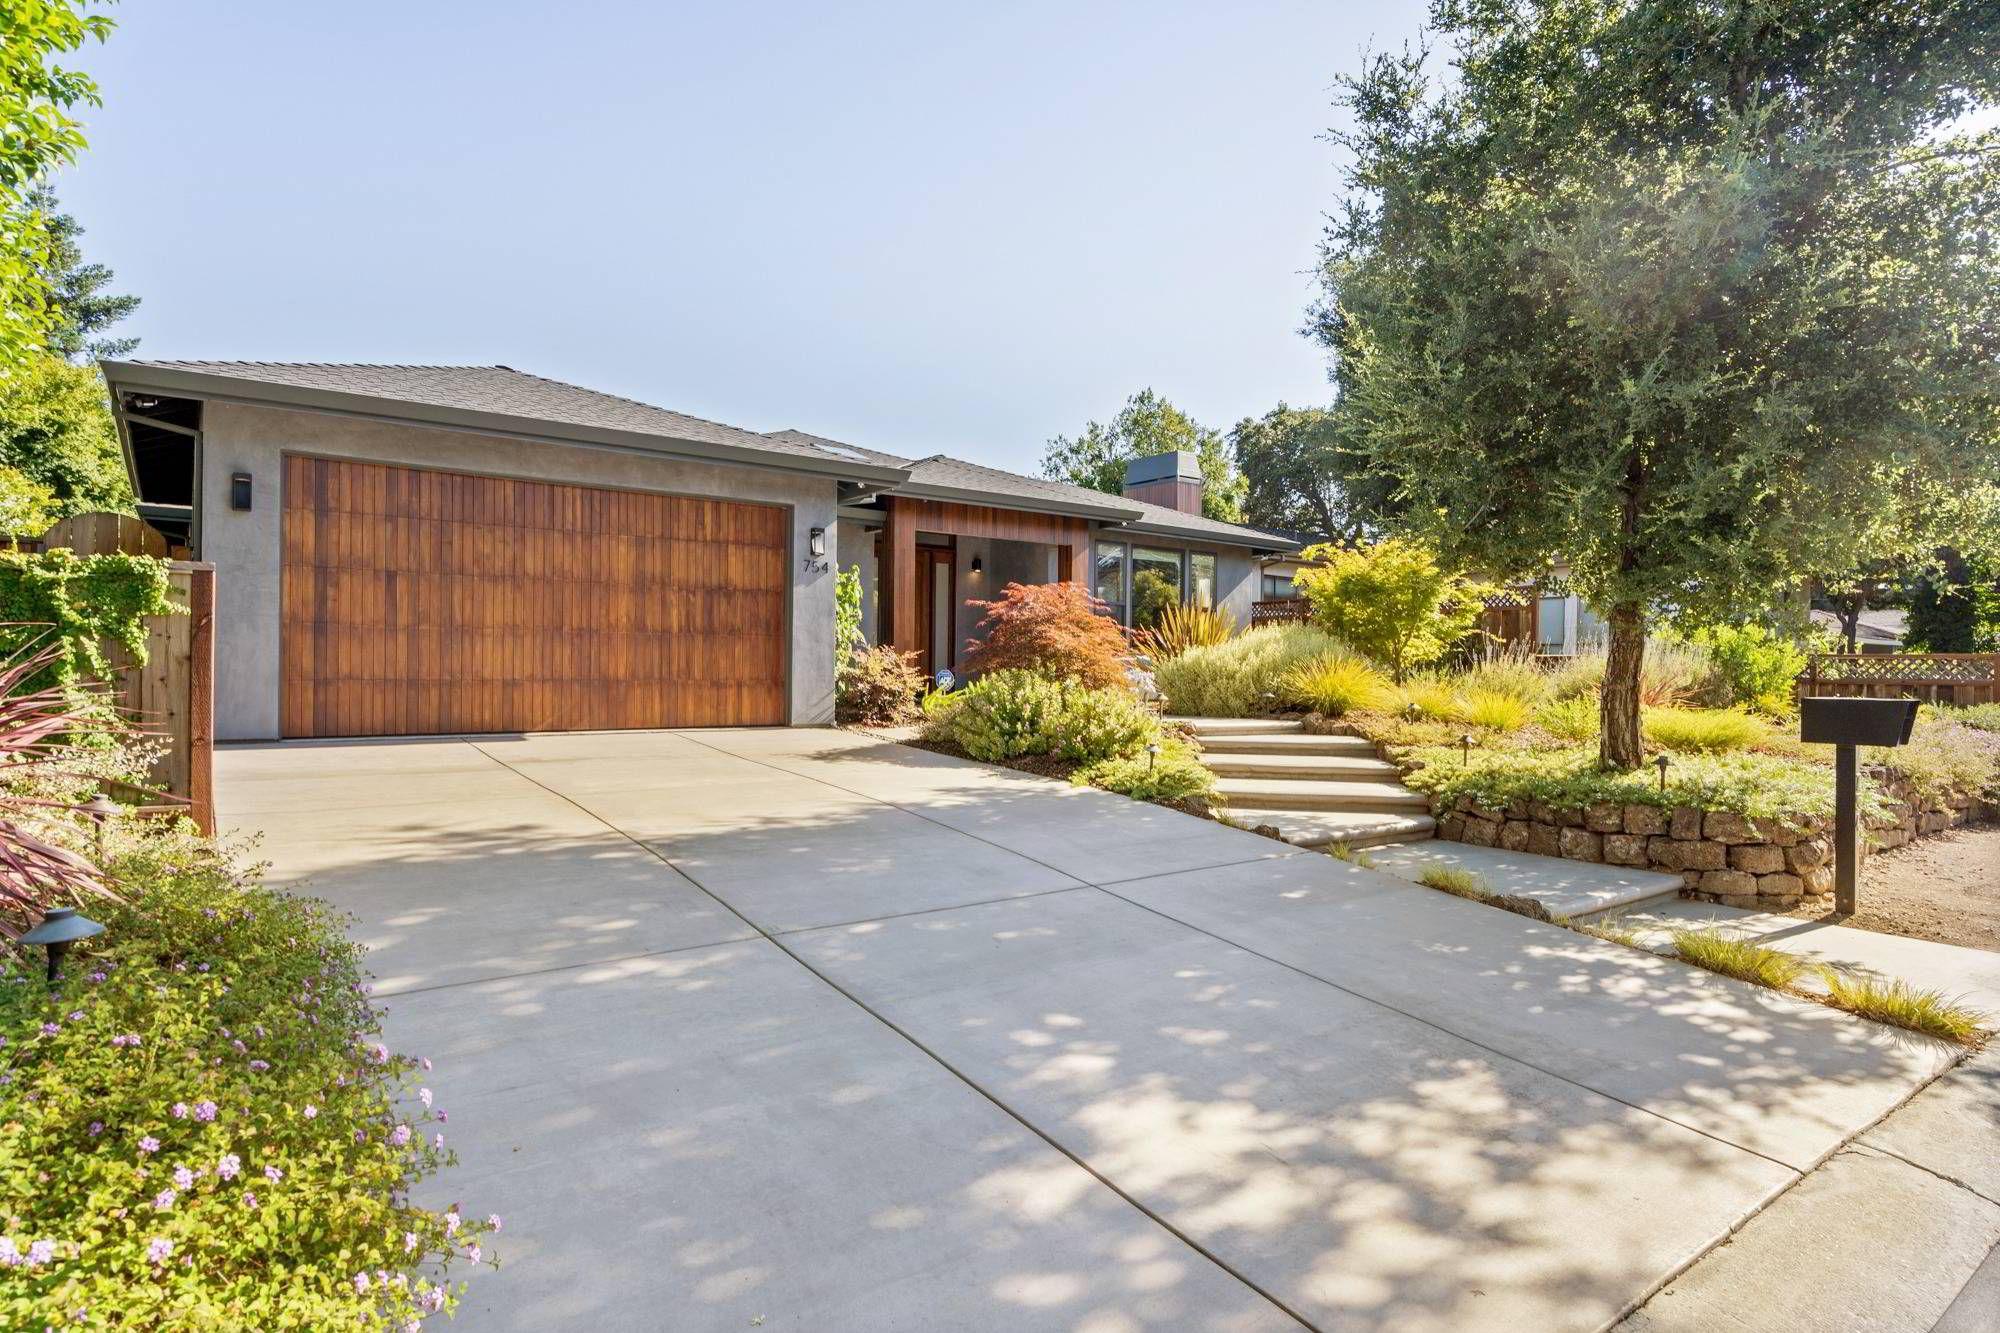 754 Edge Lane Los Altos Ca Usa Mls A1592336187 Boyenga Team Boyenga Team Compass In 2020 Luxury Realtor Los Altos Luxury Homes